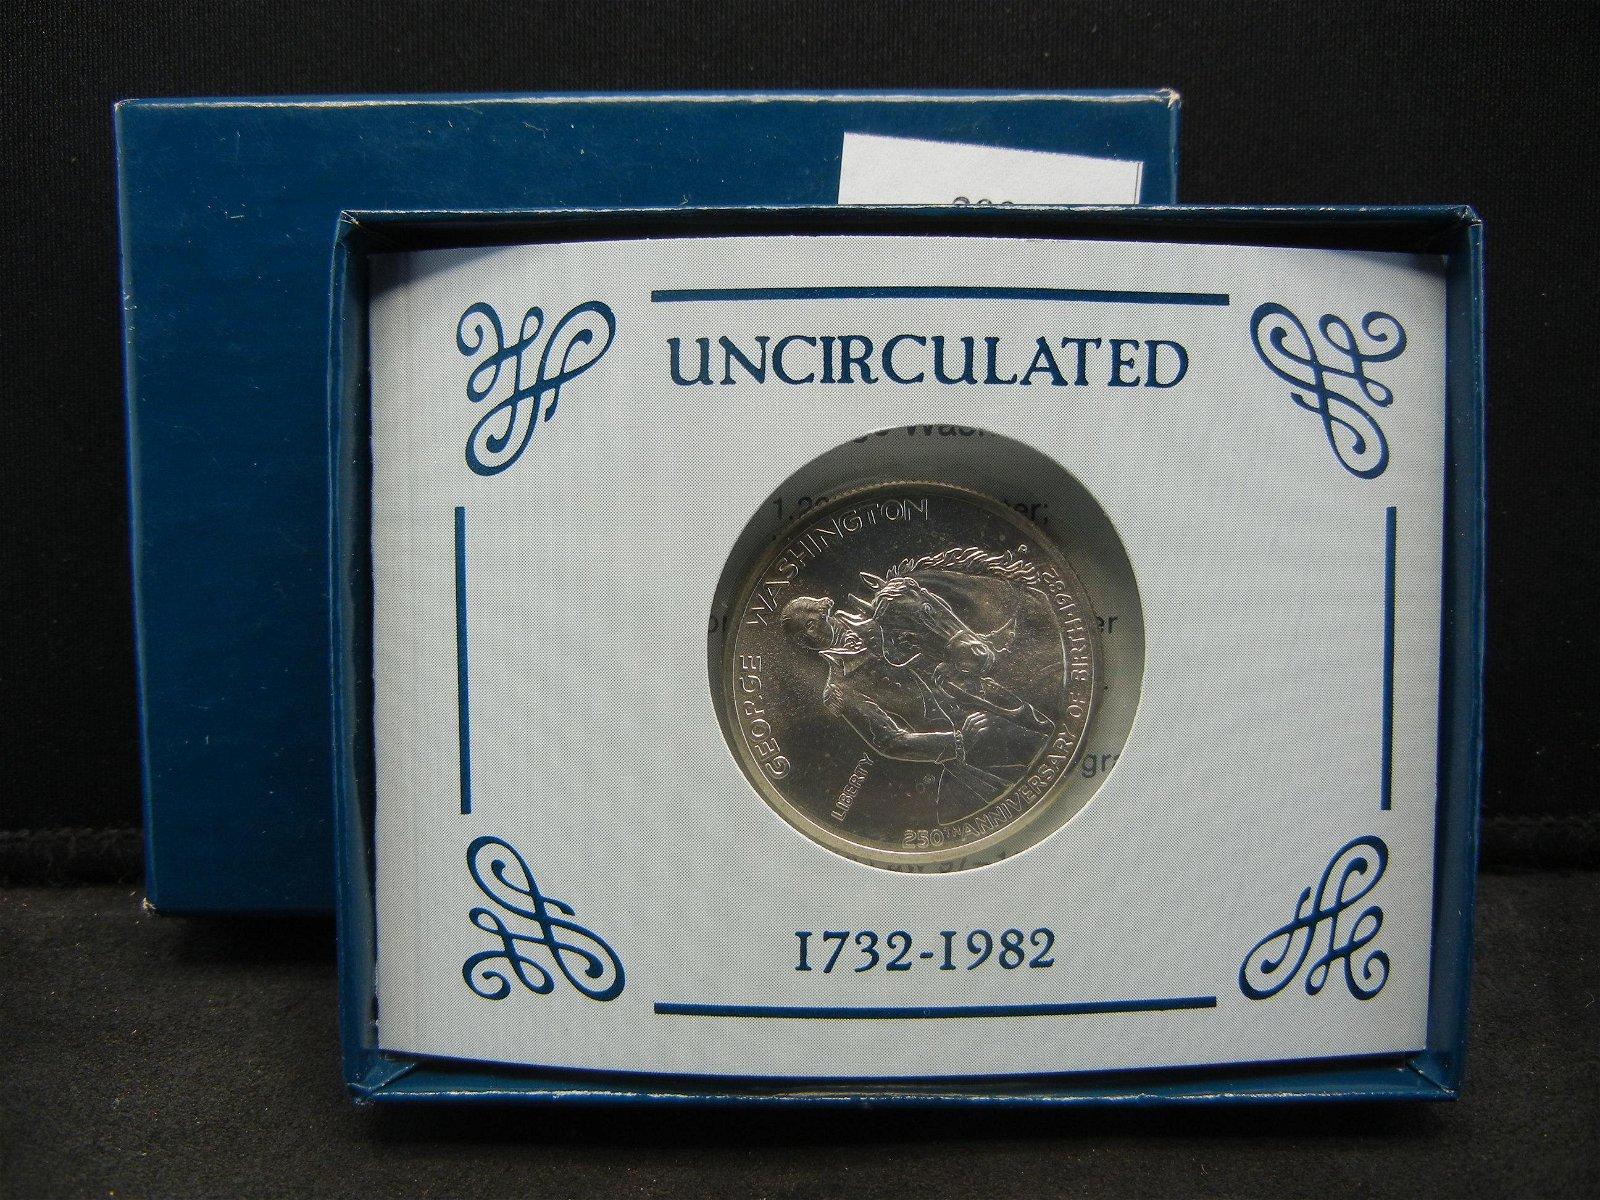 1982 United States Uncirculated George Washington